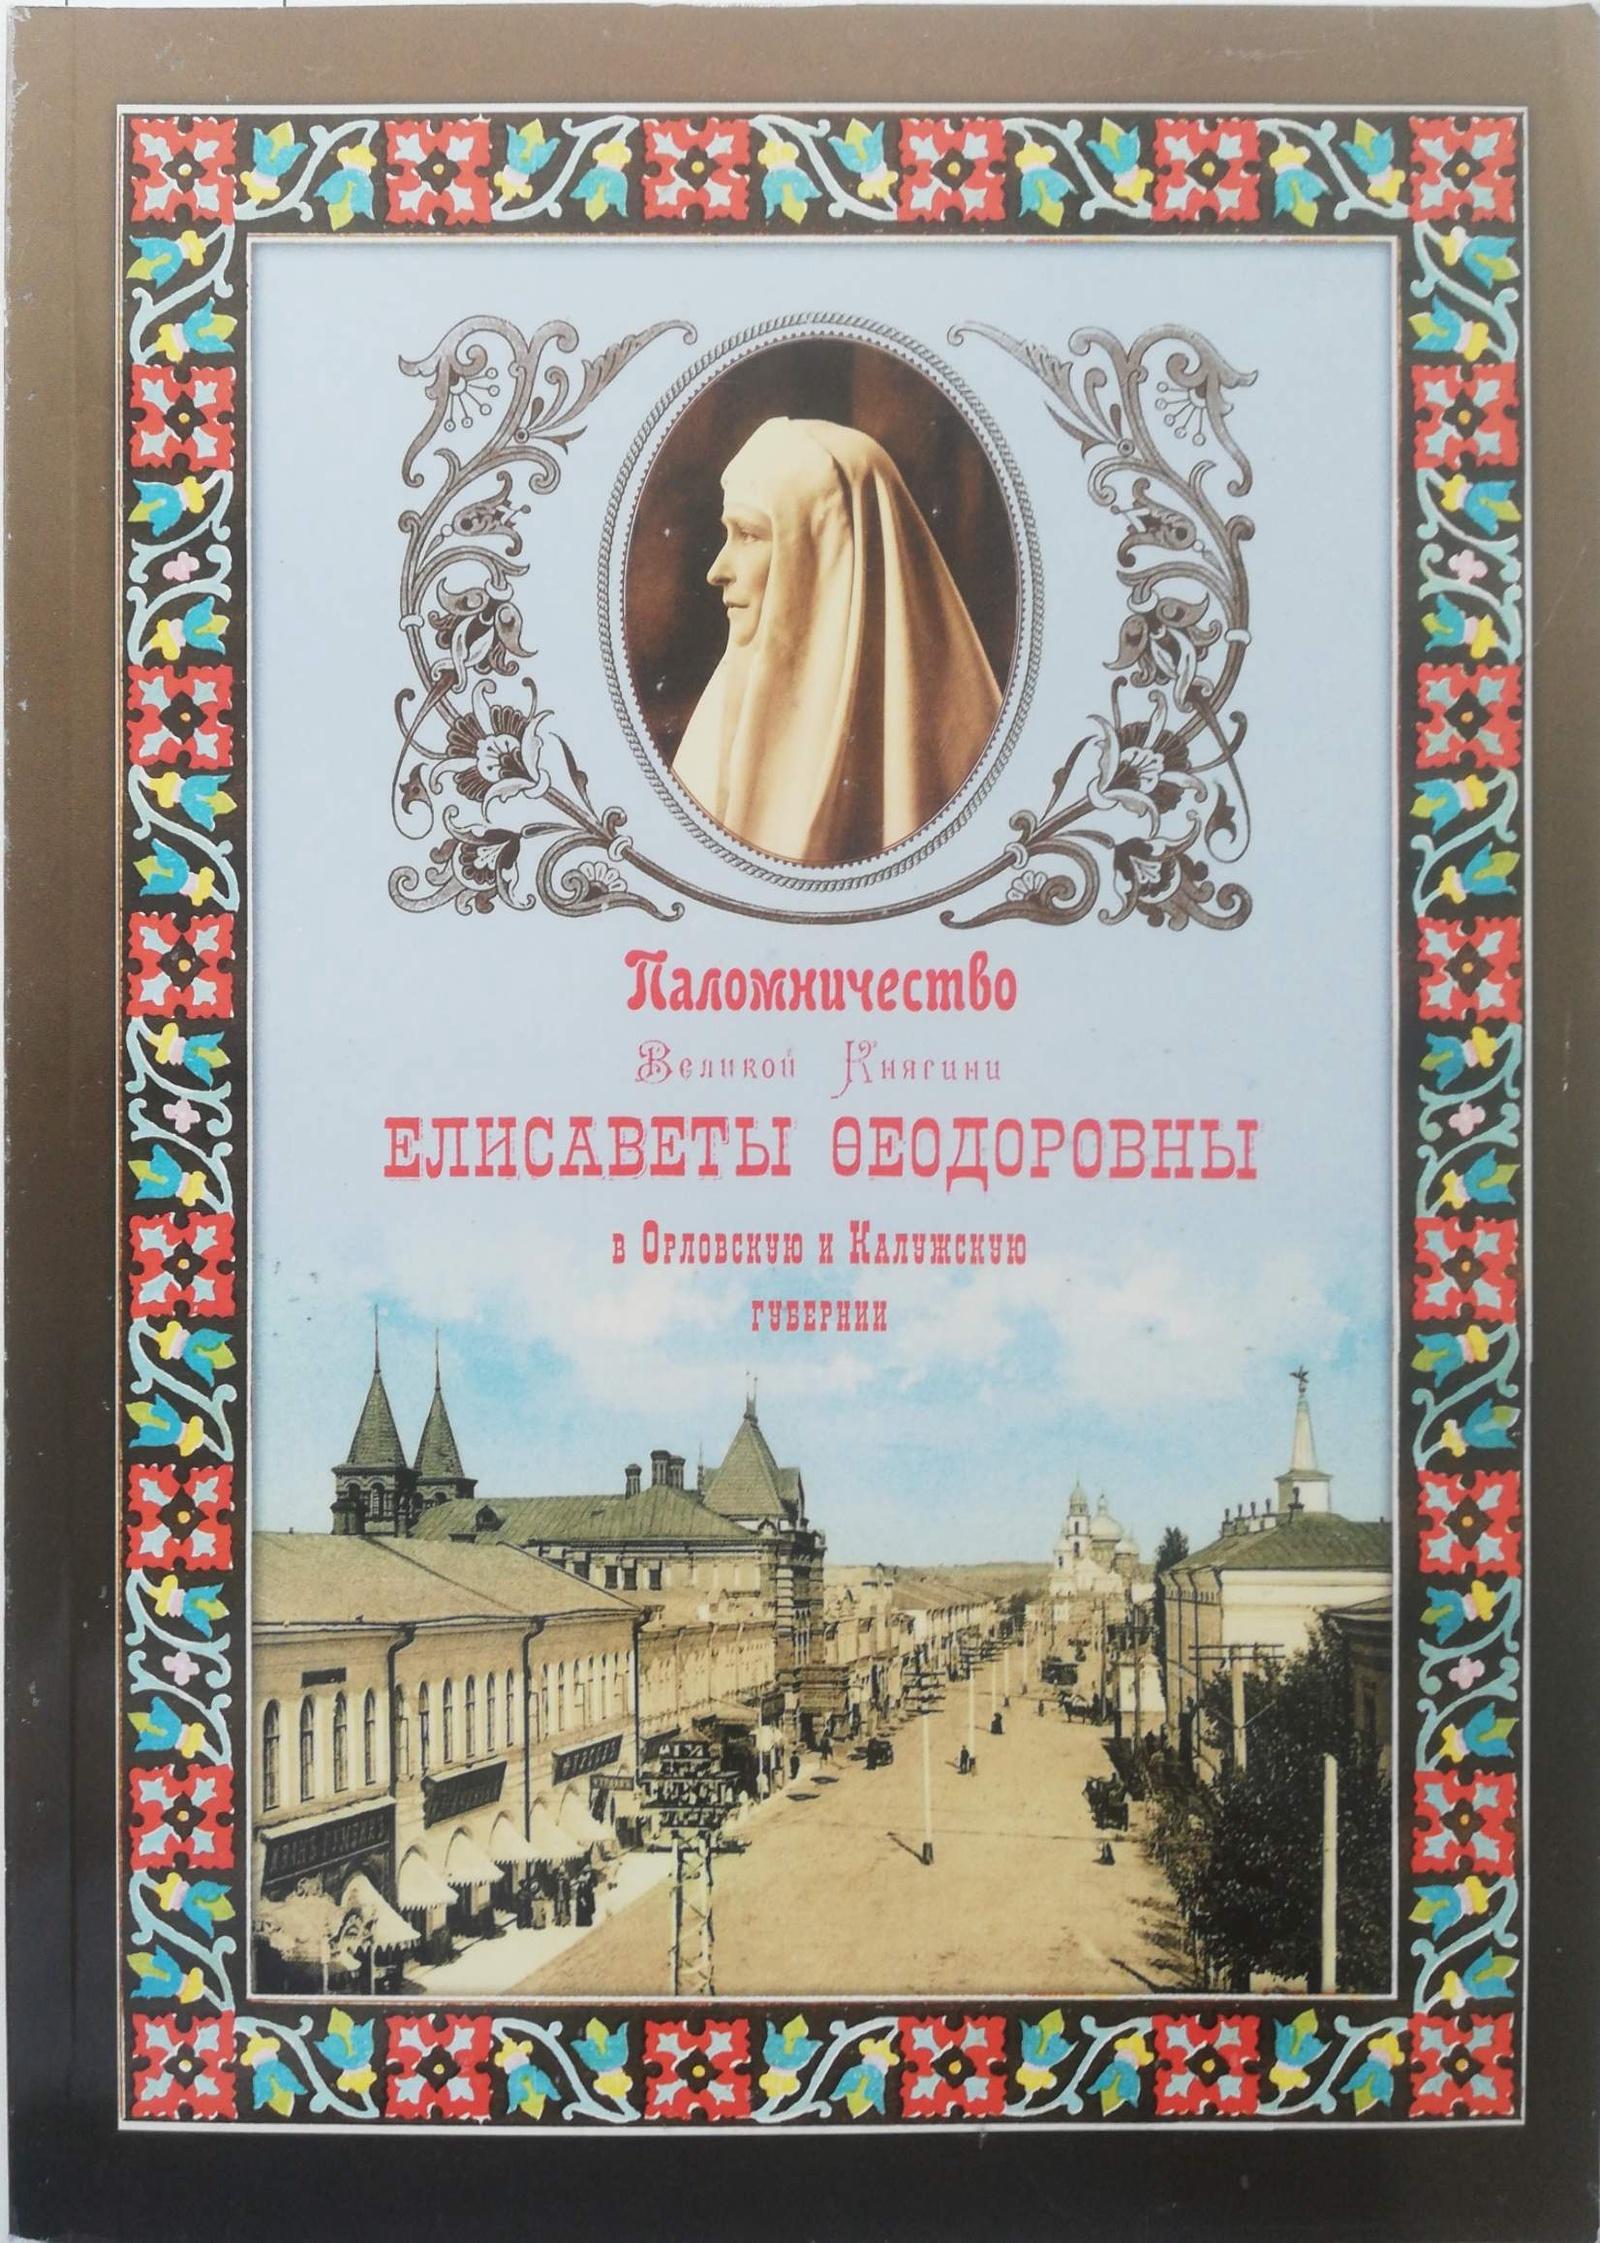 Паломничество Великой Княгини Елисаветы Федоровны в Орловскую и Калужскую губернии цены